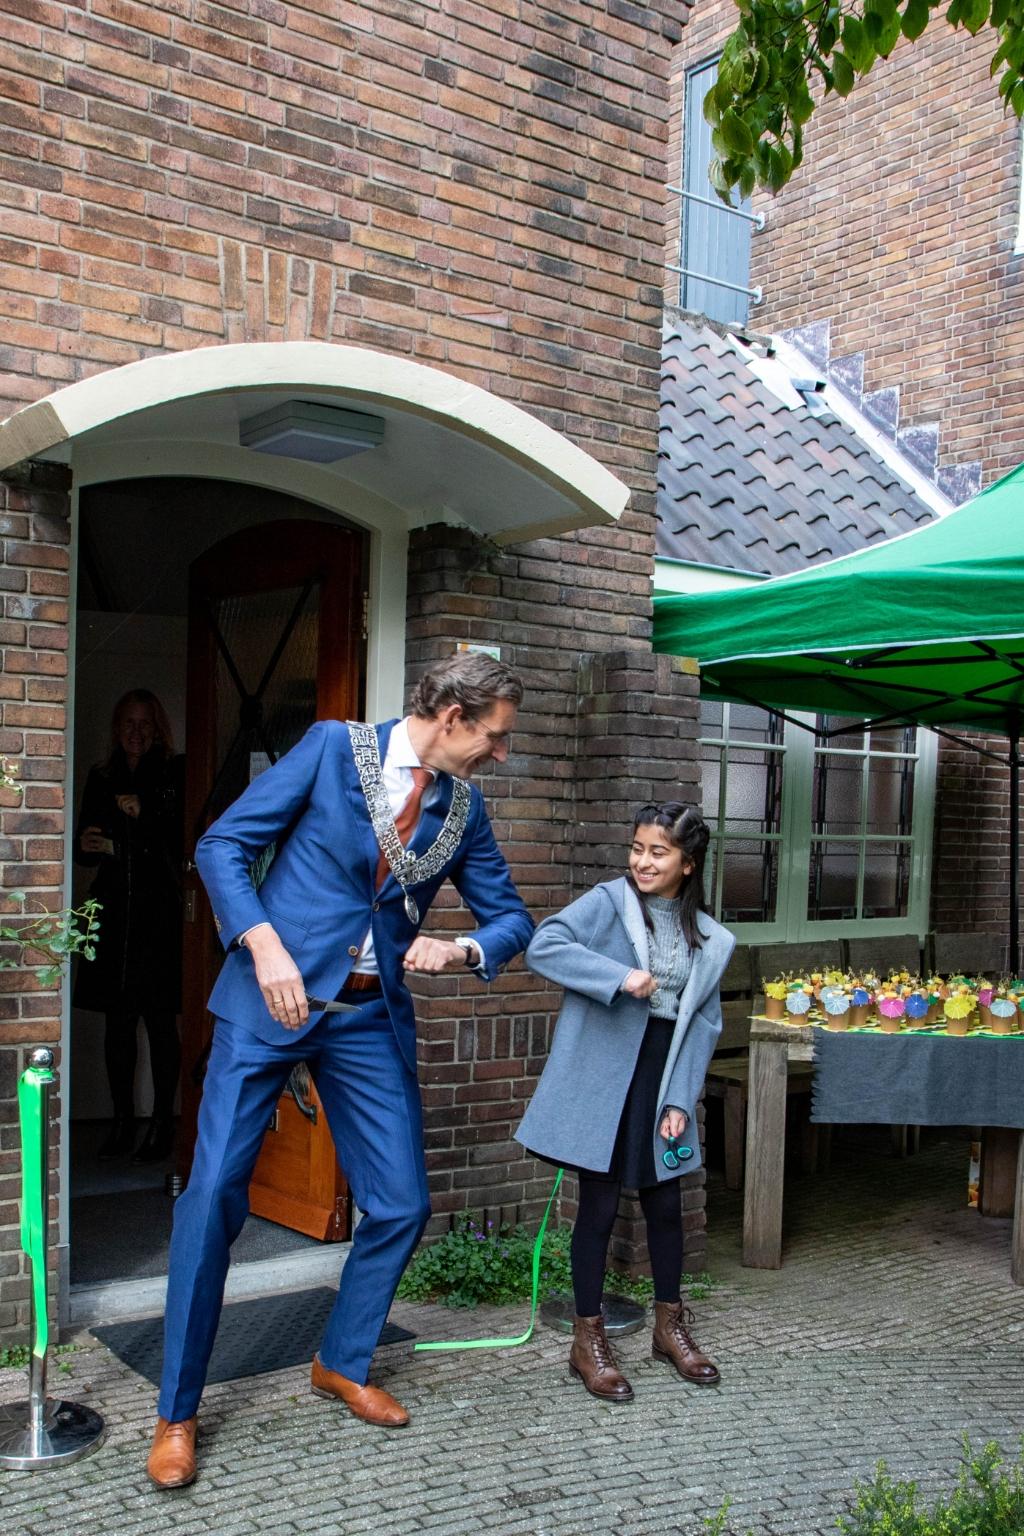 De burgemeester en kinderburgemeester begroeten elkaar coronaproof.  Stadsdorp Elsrijk © BDU media